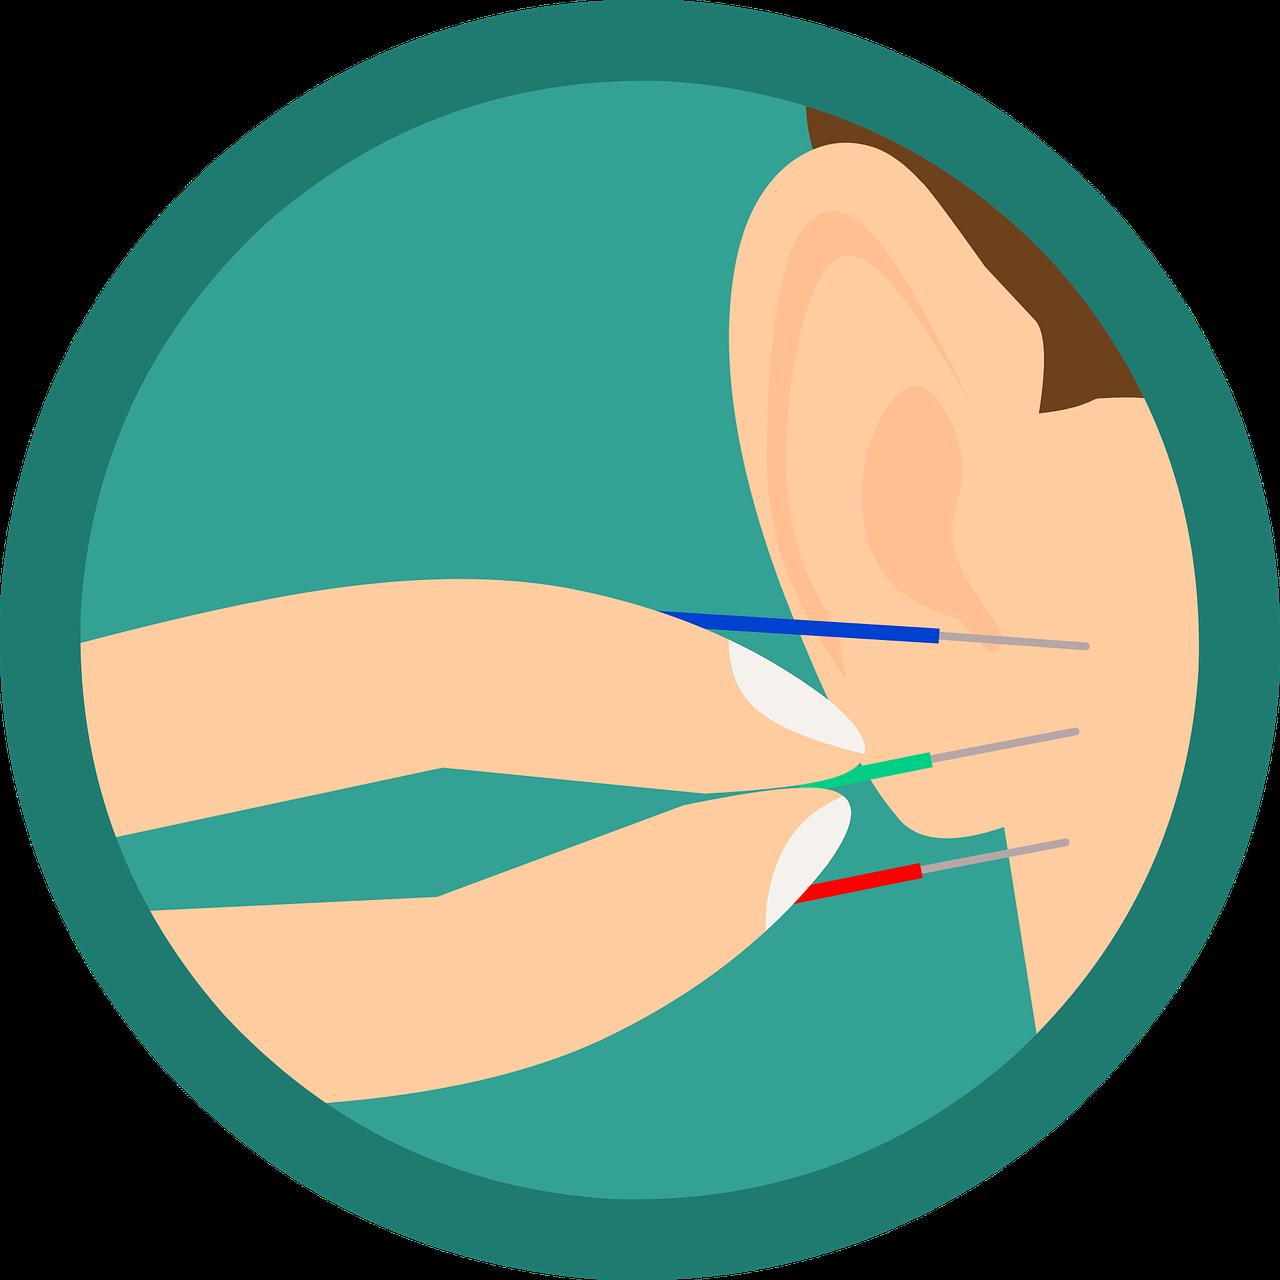 Hettinga en Trip praktijk voor fysio- en manueeltherapie behandeling fysiot